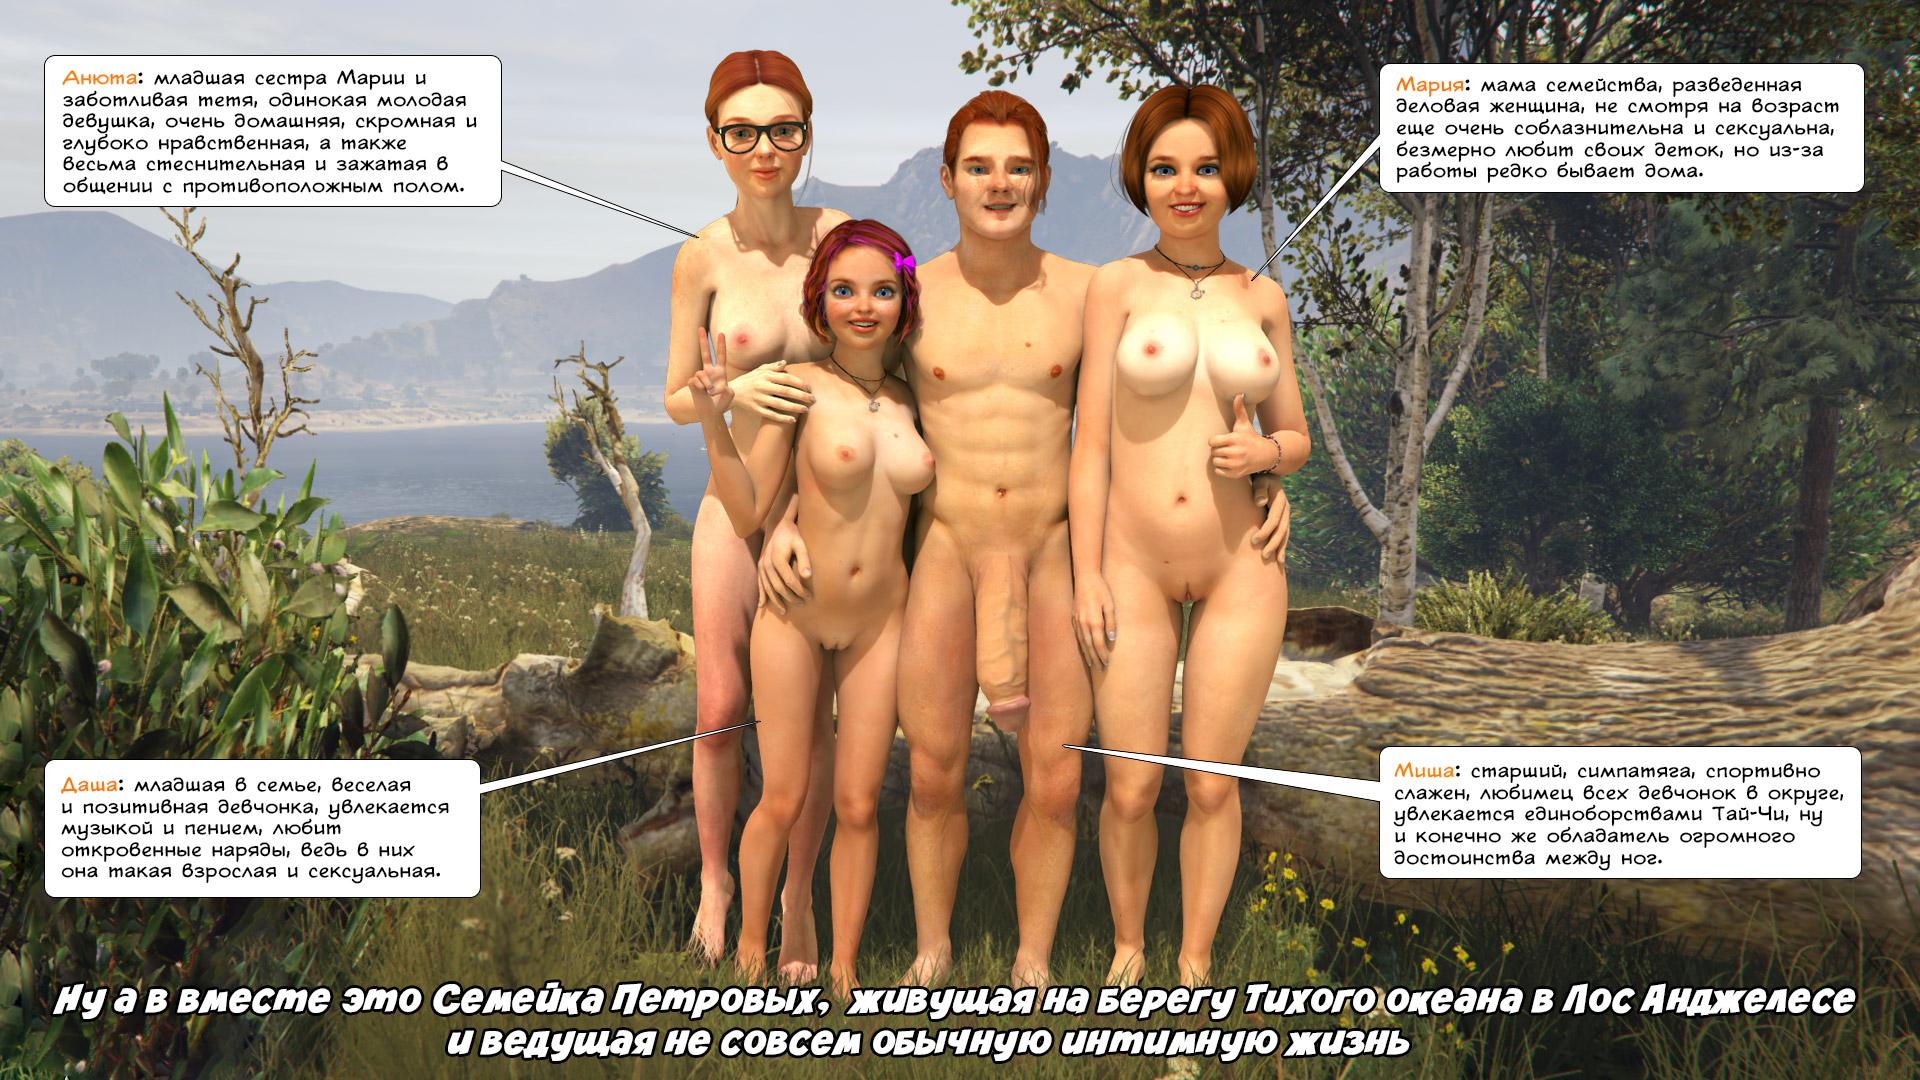 ОЧЕНЬ КРУТО! эротические фото смотреть онлайн бесплатно для Вас сети интернет